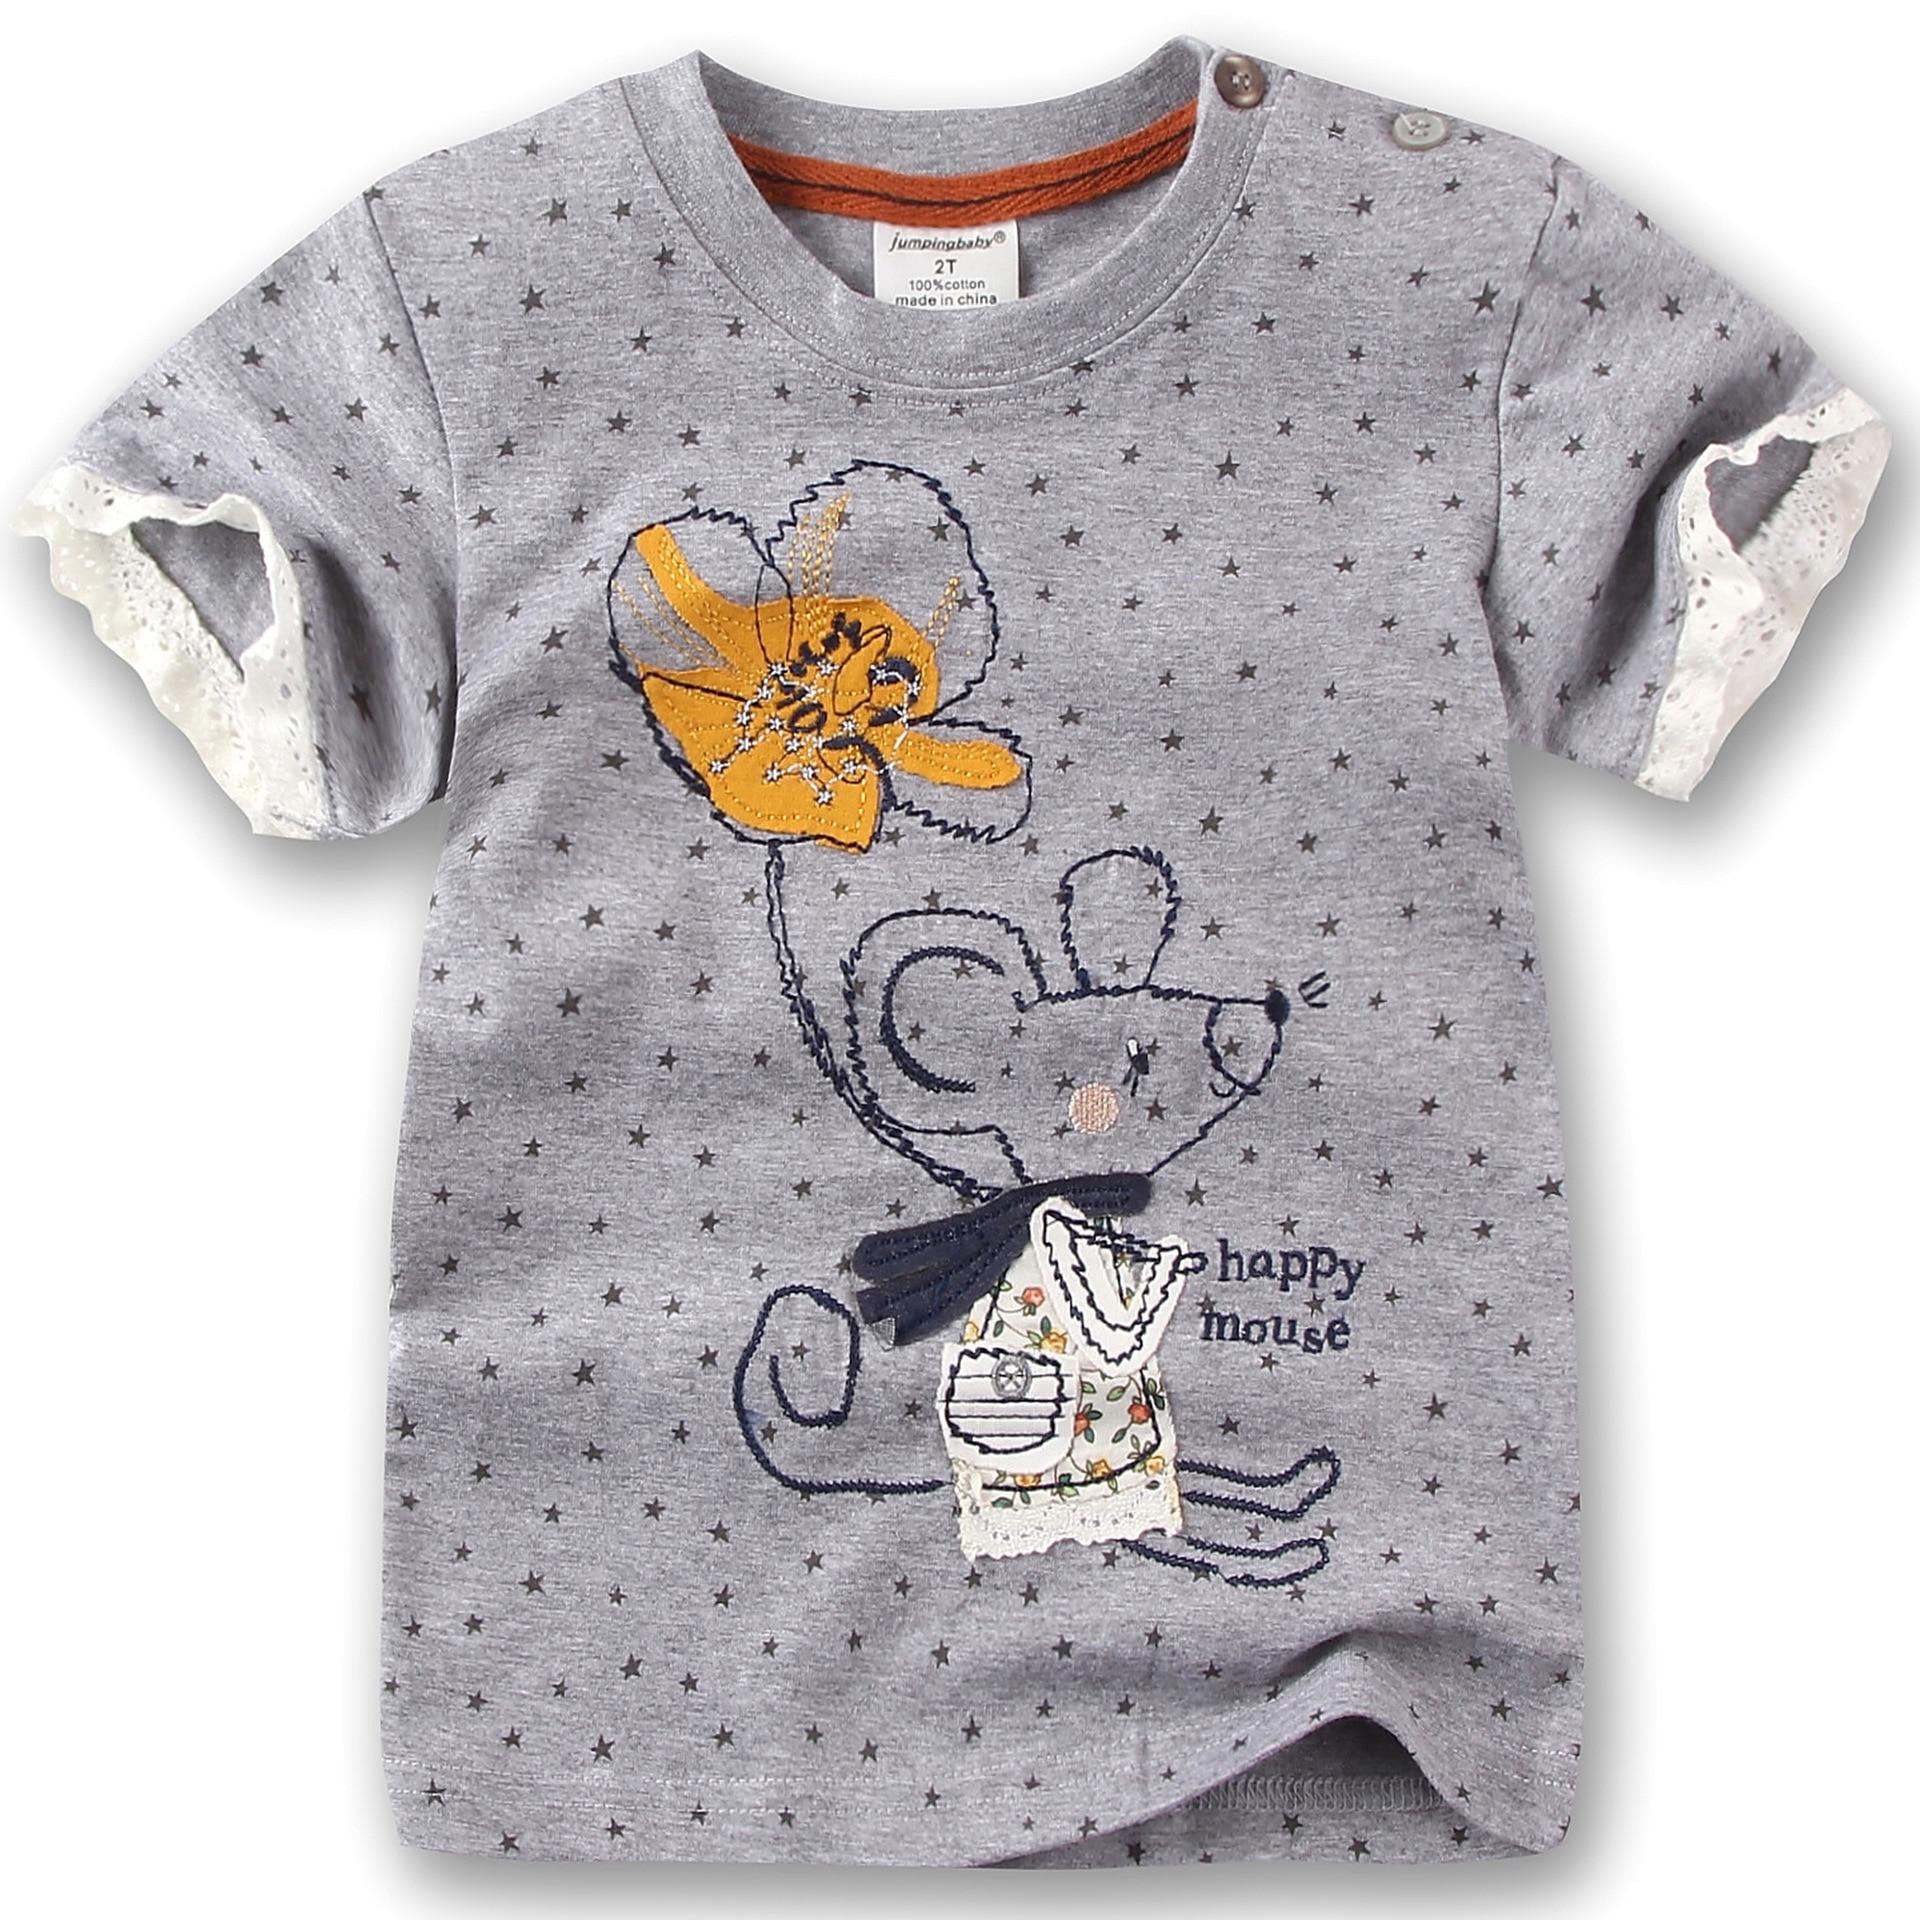 e4afacce5 2016 bebés del verano Camisetas ratón encantador de la historieta 100%  algodón manga corta niñas camisetas gris o-cuello niños ropa de buena  calidad